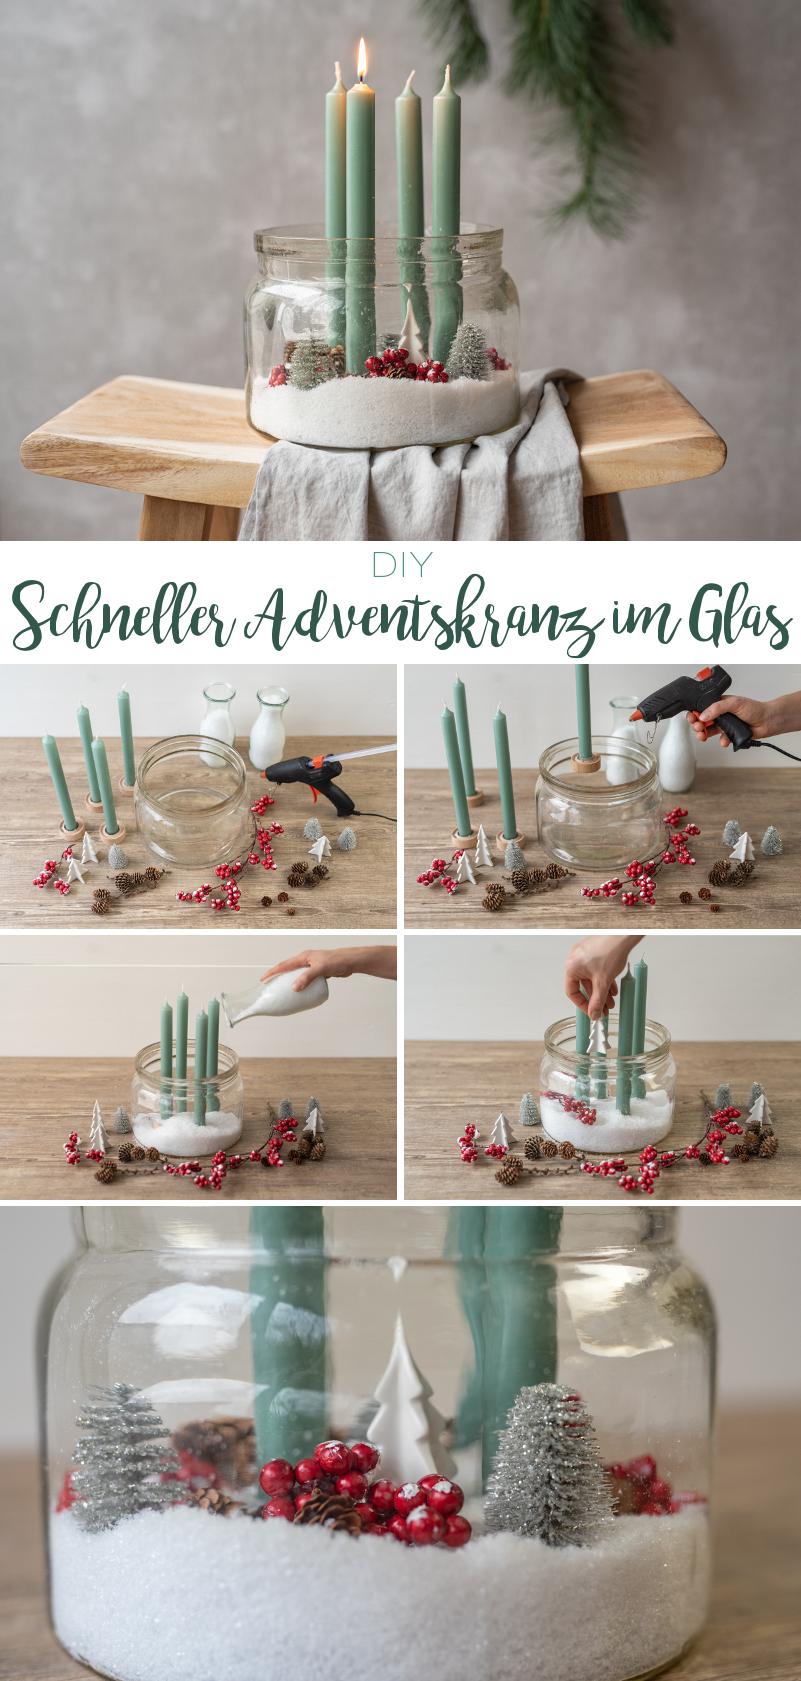 DIY Anleitung für einen schnellen und kreativen last minute Adventskranz im Glas im Scandi Look in Mintgrün, weiß und Rot